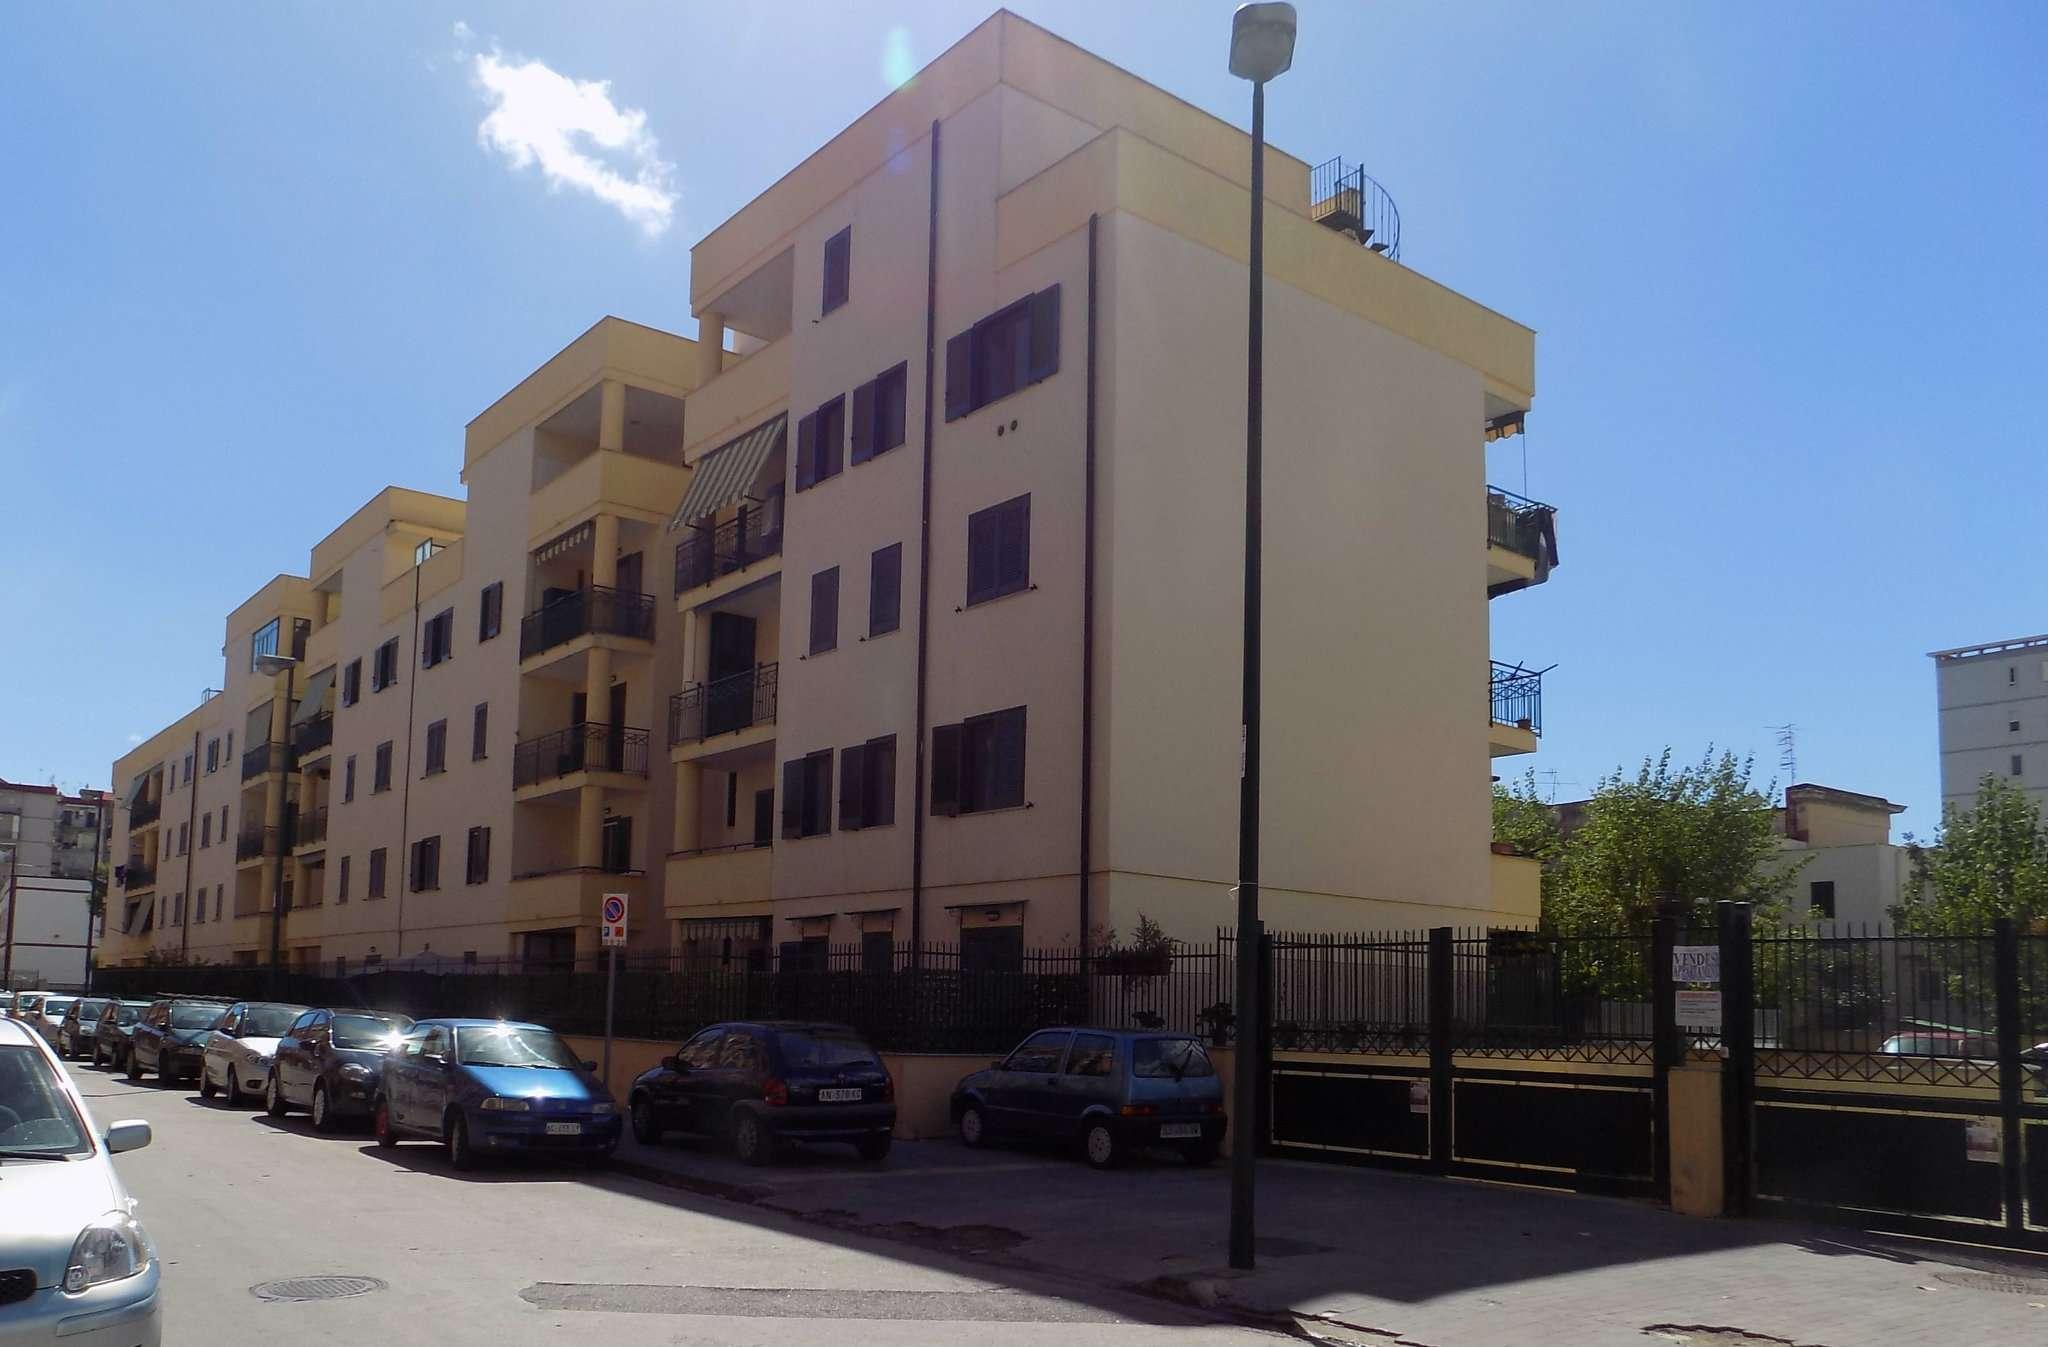 Bilocale Napoli Viale Due Giugno 2